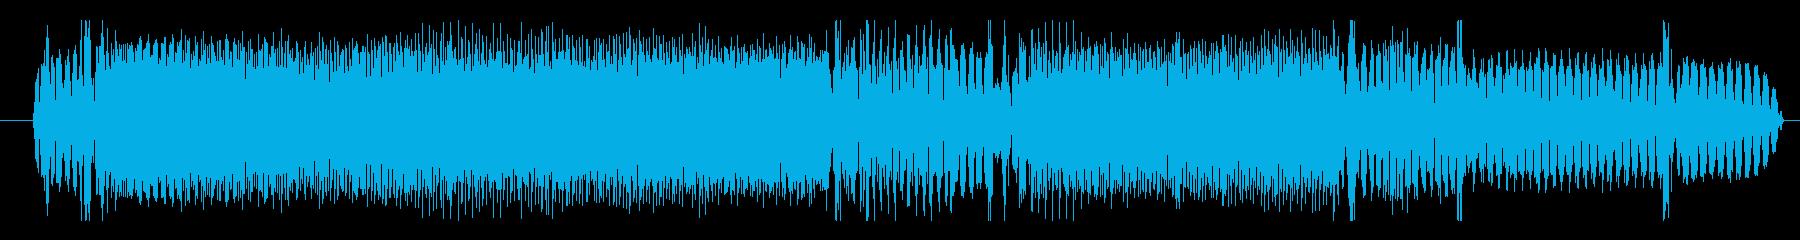 車 スバルインプレッサアクセラレー...の再生済みの波形